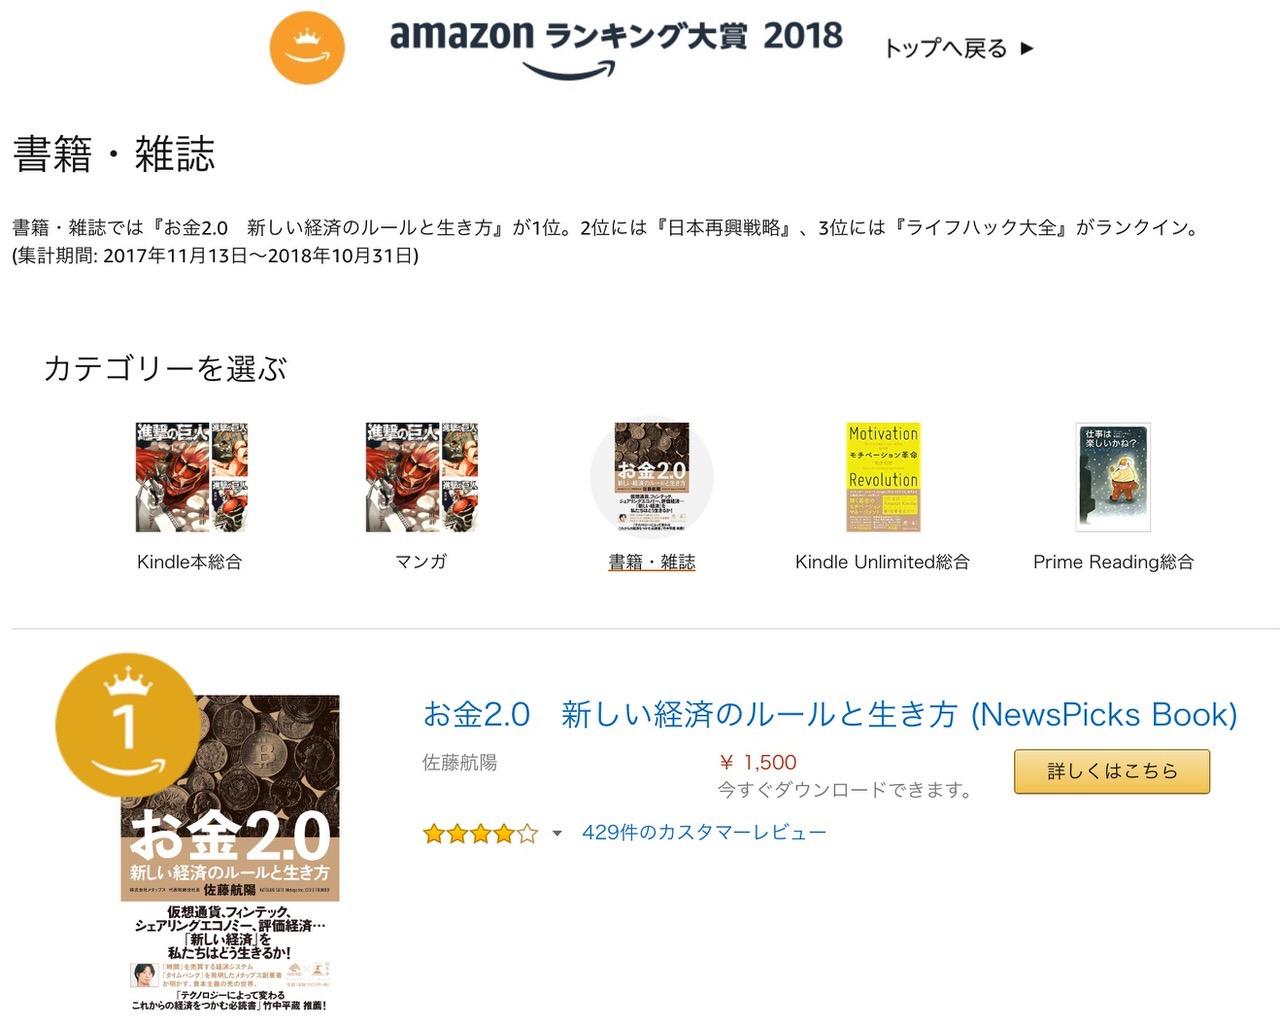 「Amazonランキング大賞2018」発表!3位に @mehori がランクイン!